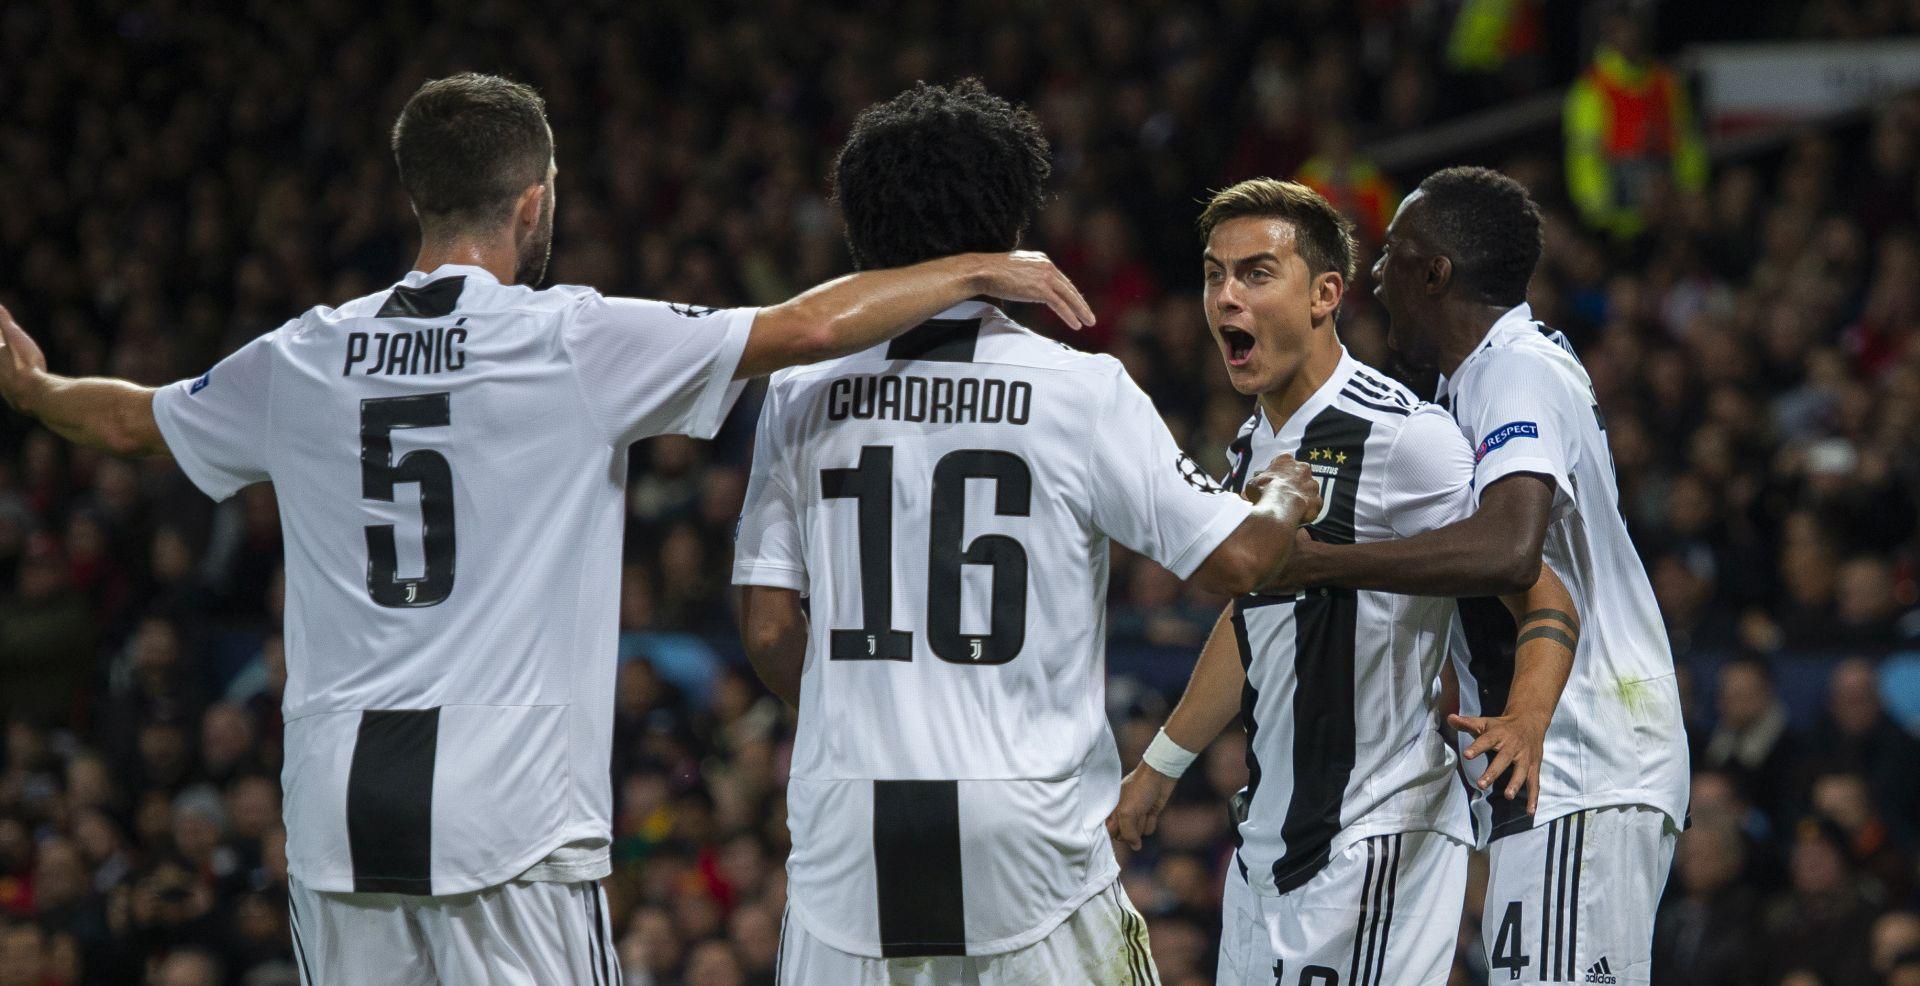 Autogol Bradarića u pobjedi Juventusa